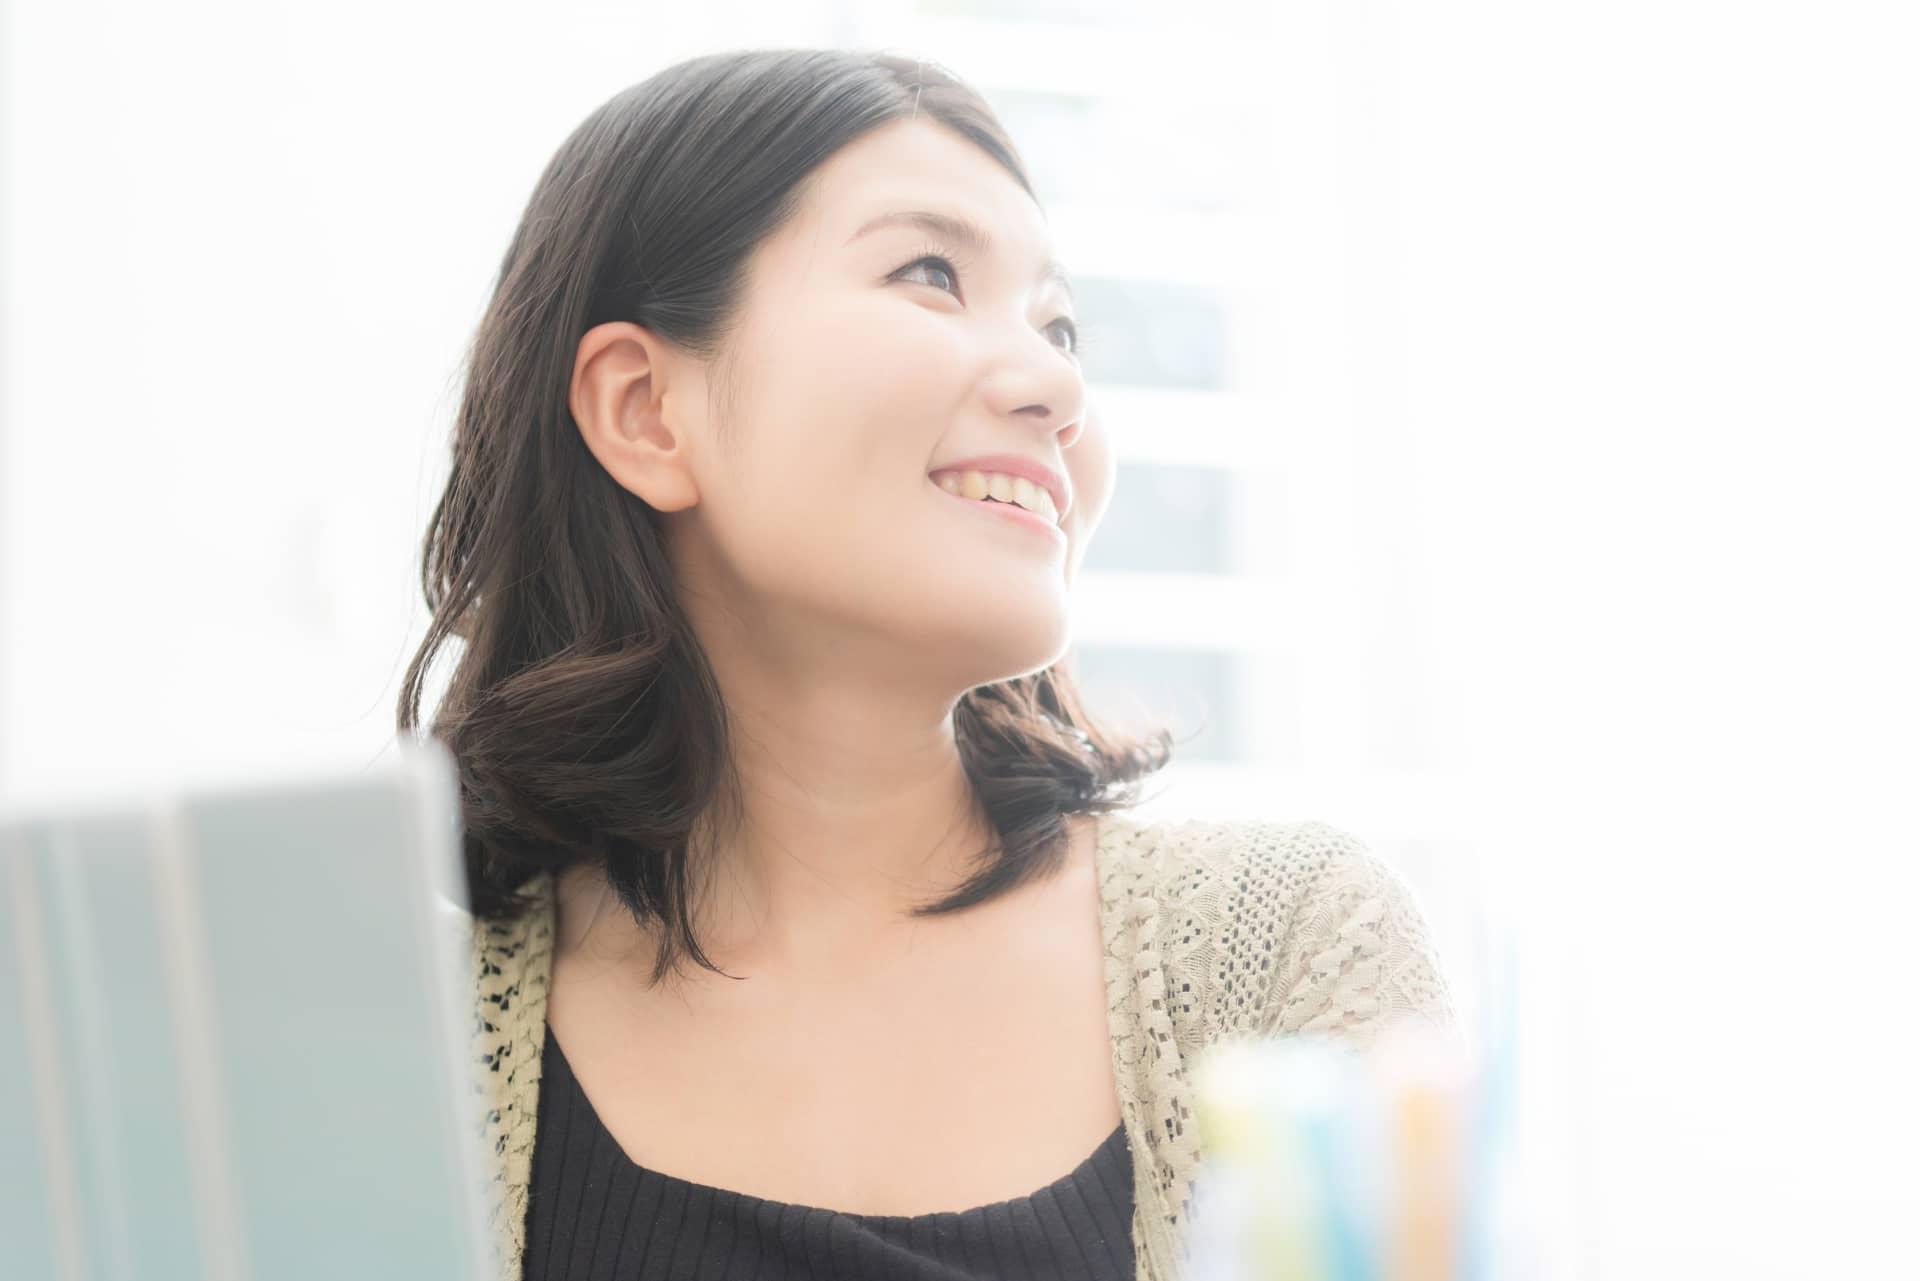 笑顔で上を向く女性